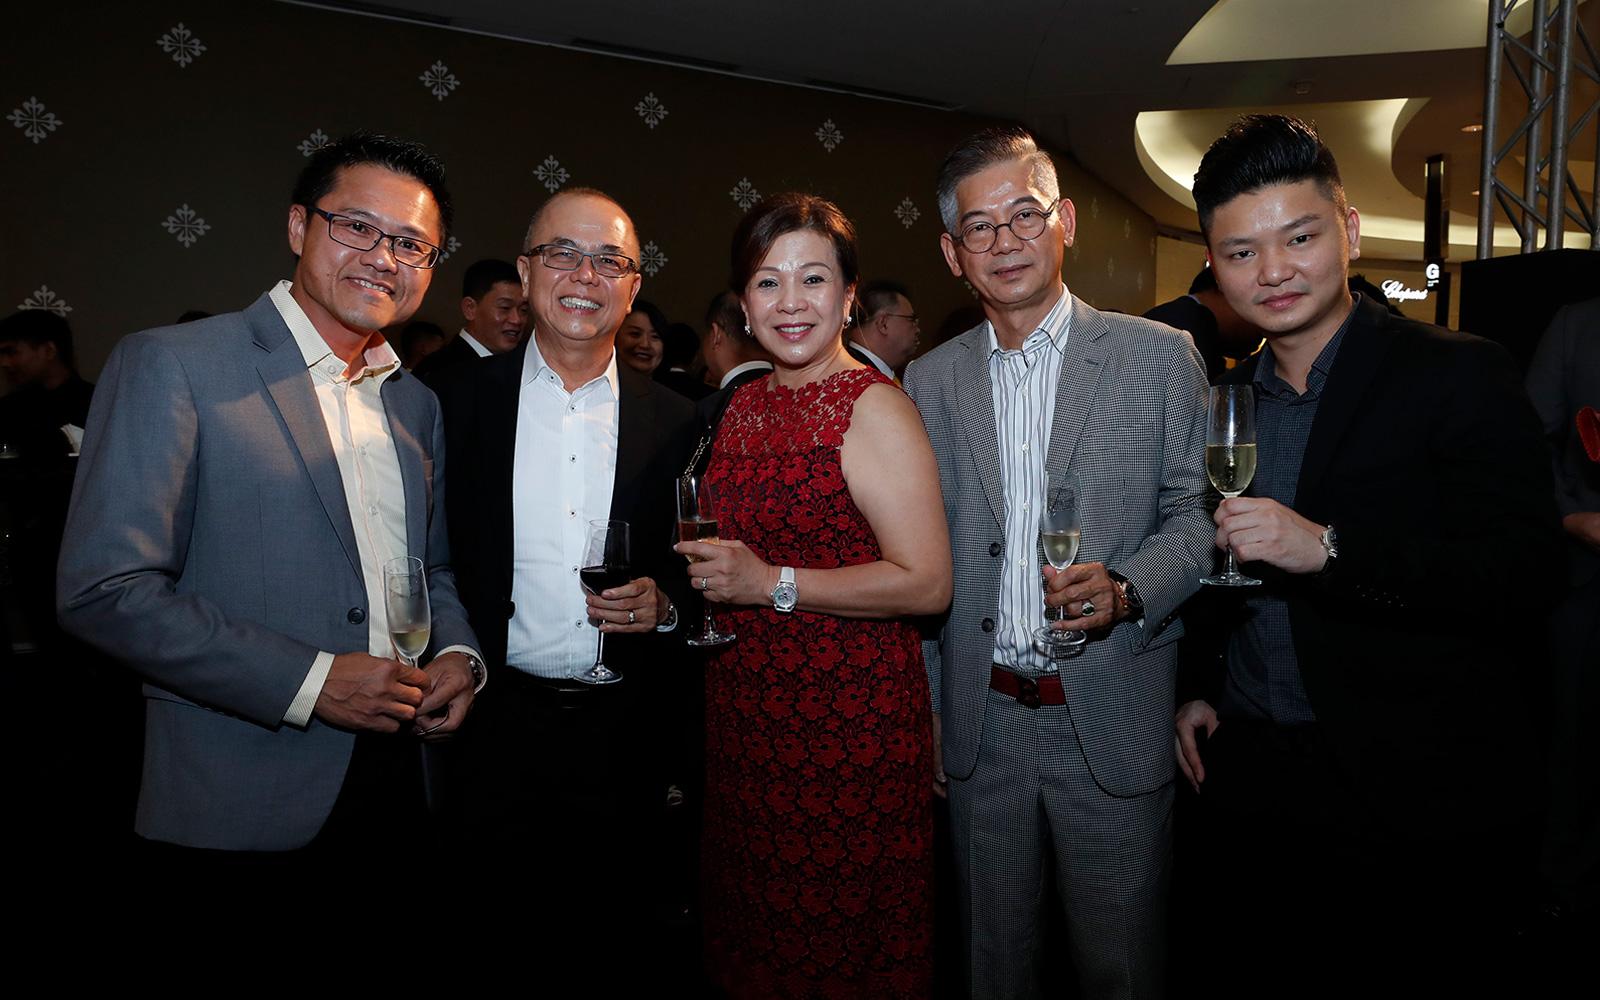 Yong Jeng Yih, Chan Yee Wah, Shirley Gan, Hew Yoon Kiong and Leo Hew